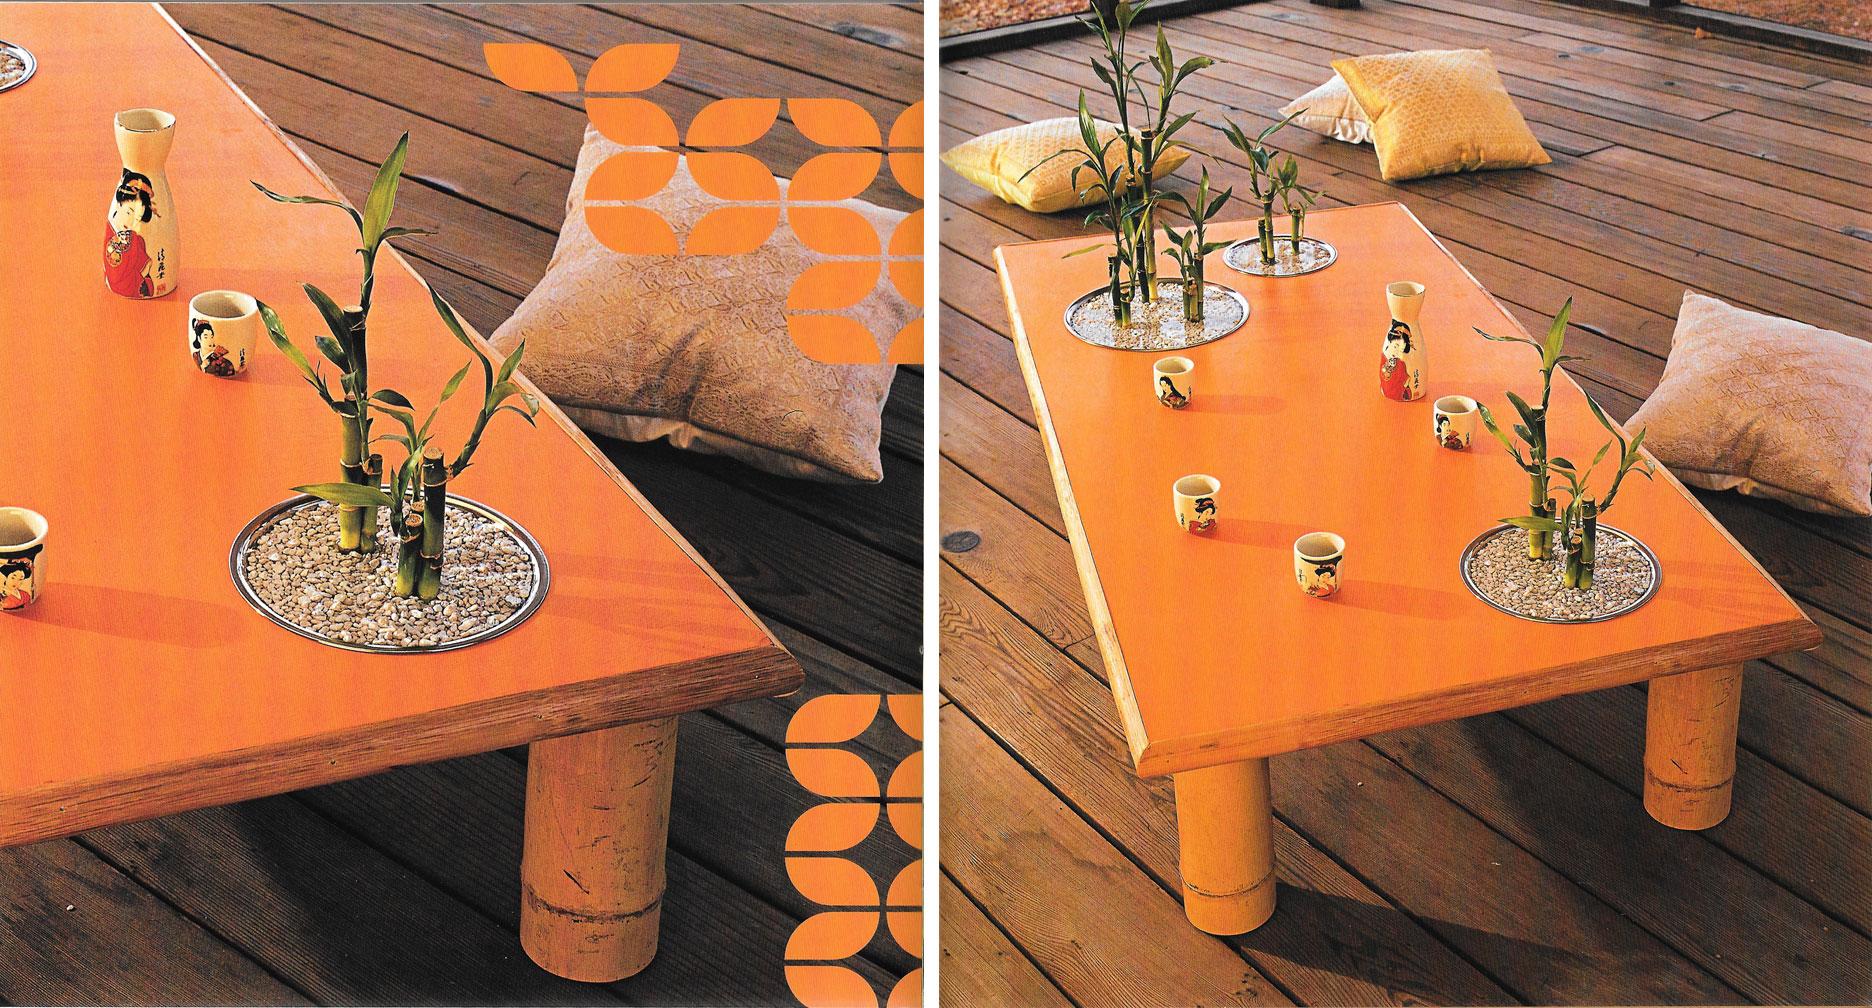 2. Matt_Maranian_Bamboo_Table.jpg